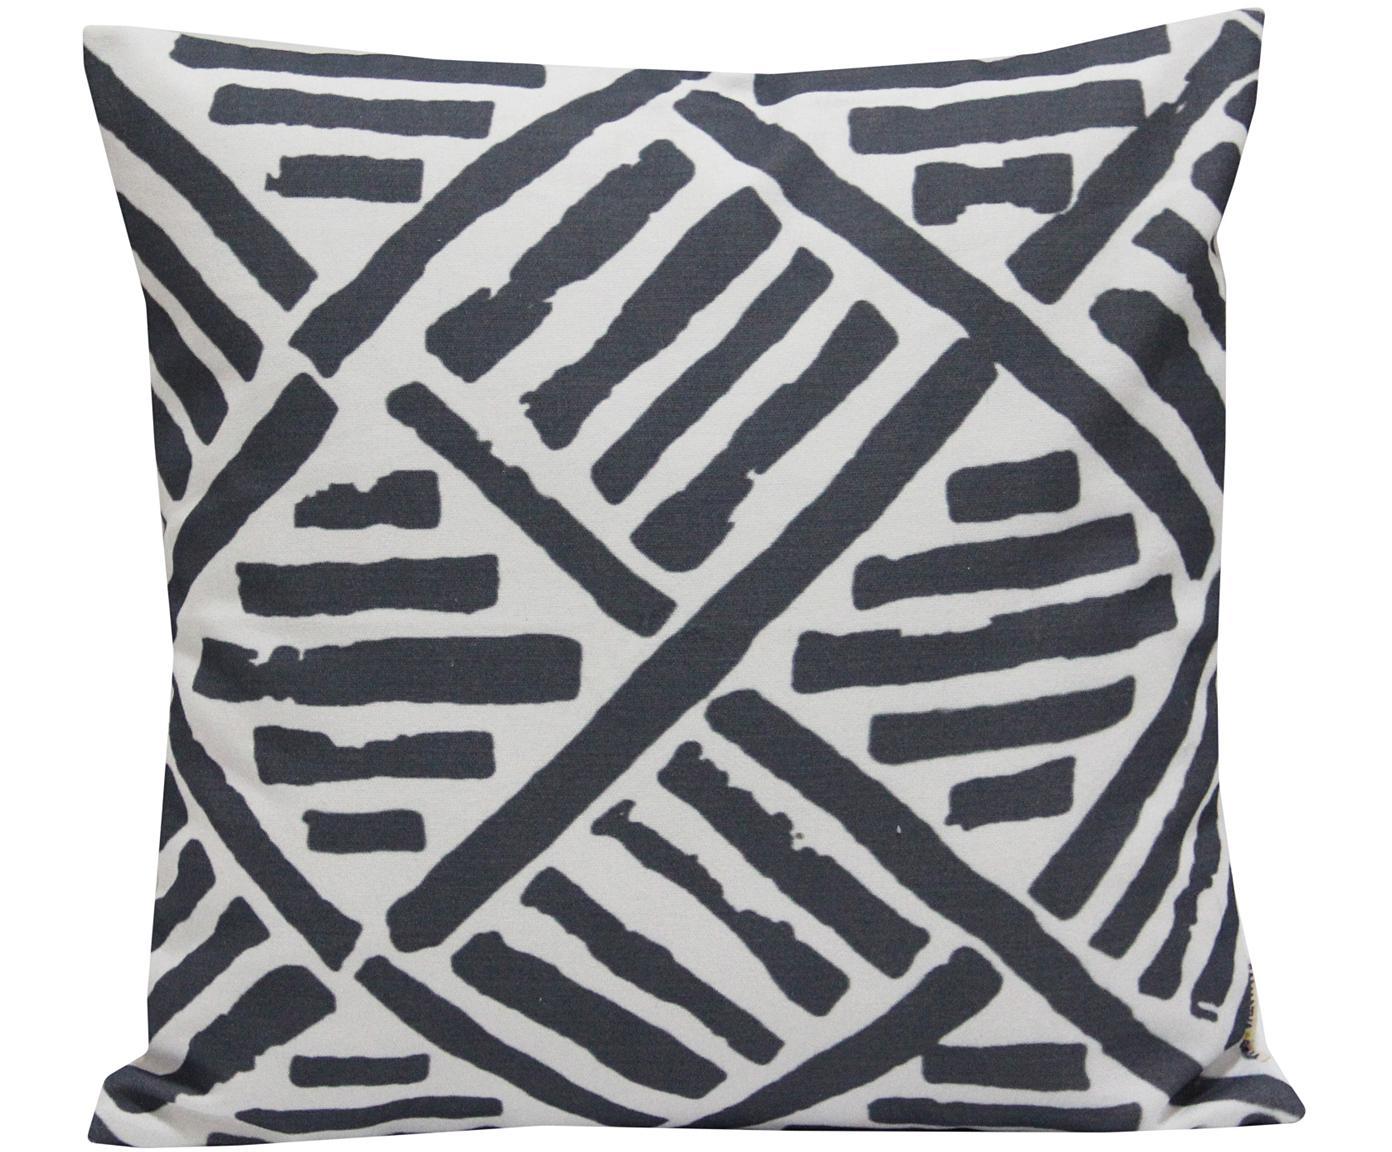 Kussenhoes Len met grafisch patroon, Katoen, Wit, zwart, 45 x 45 cm